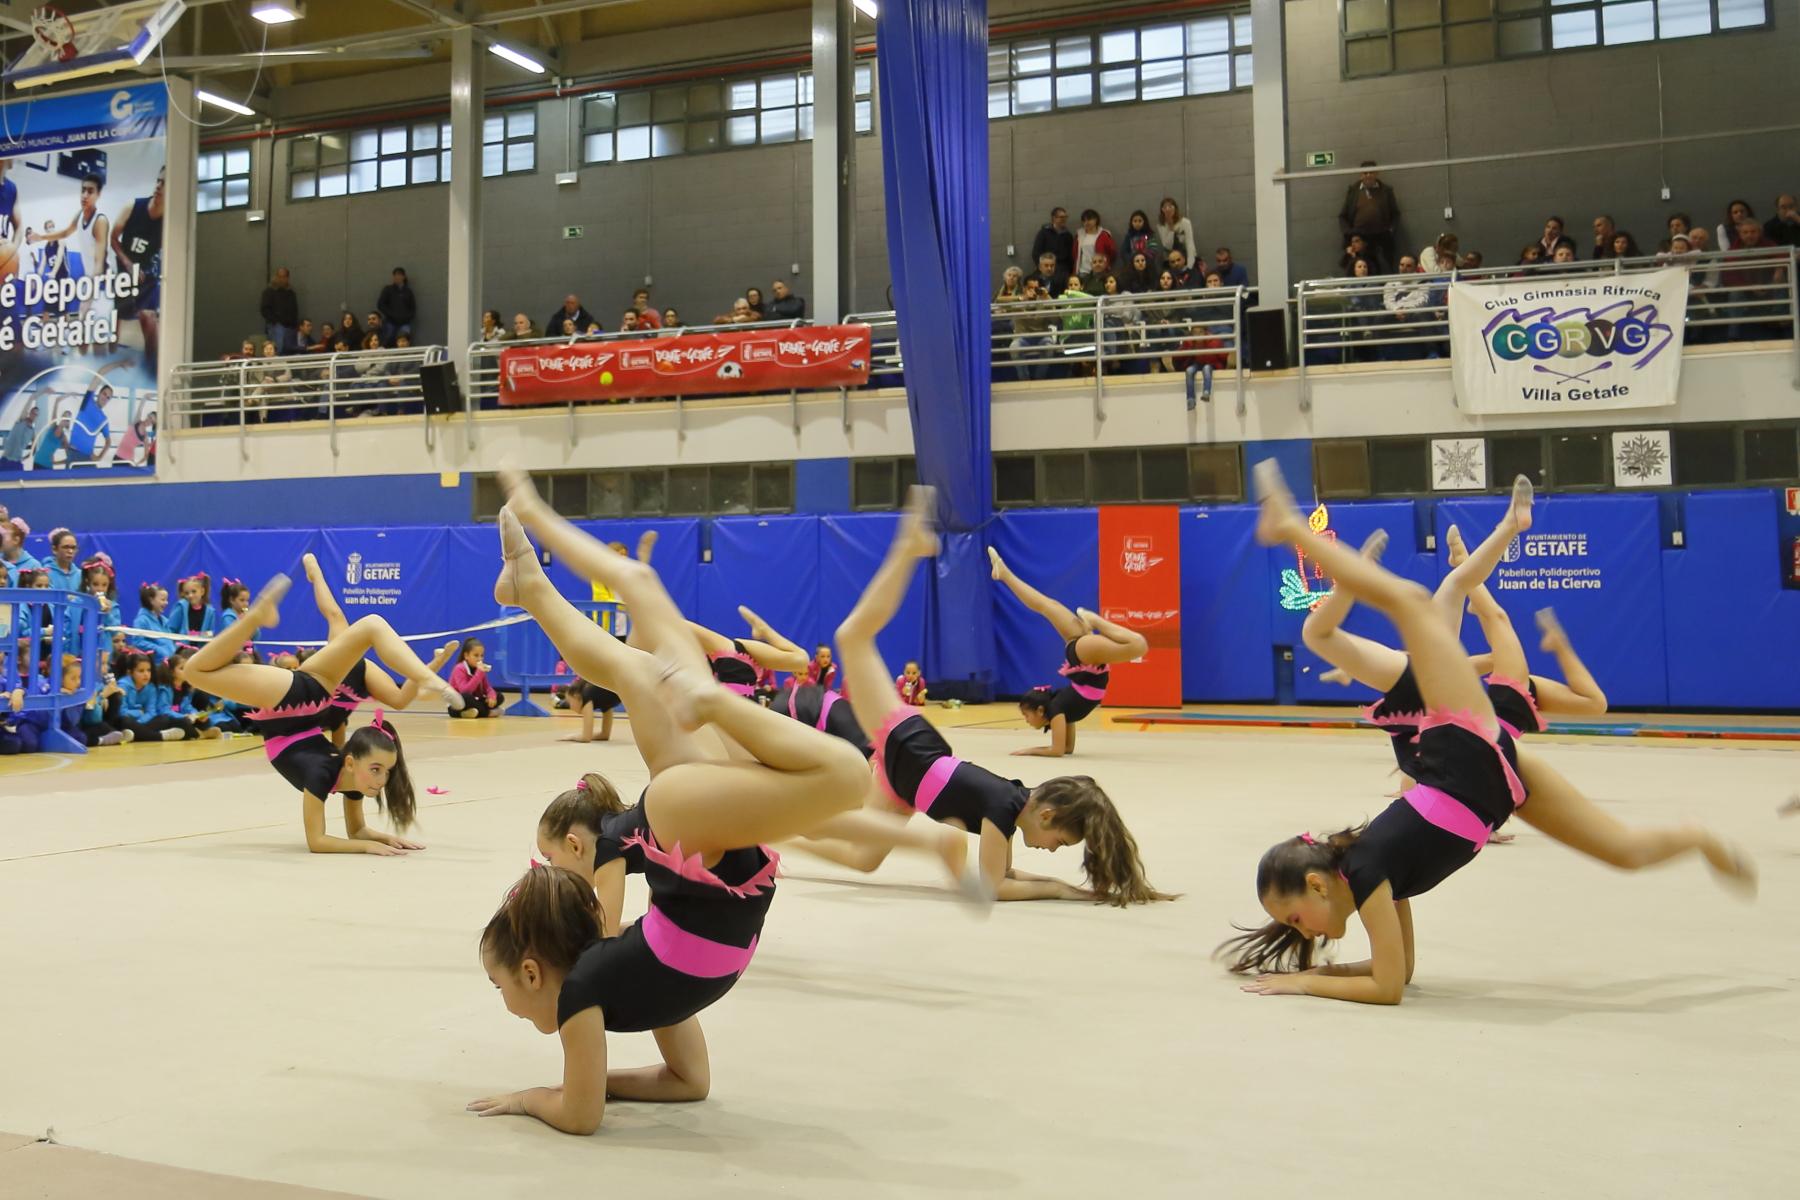 Escuela deportiva gimnasia r tmica vicente ferrer club for Deportes de gimnasia